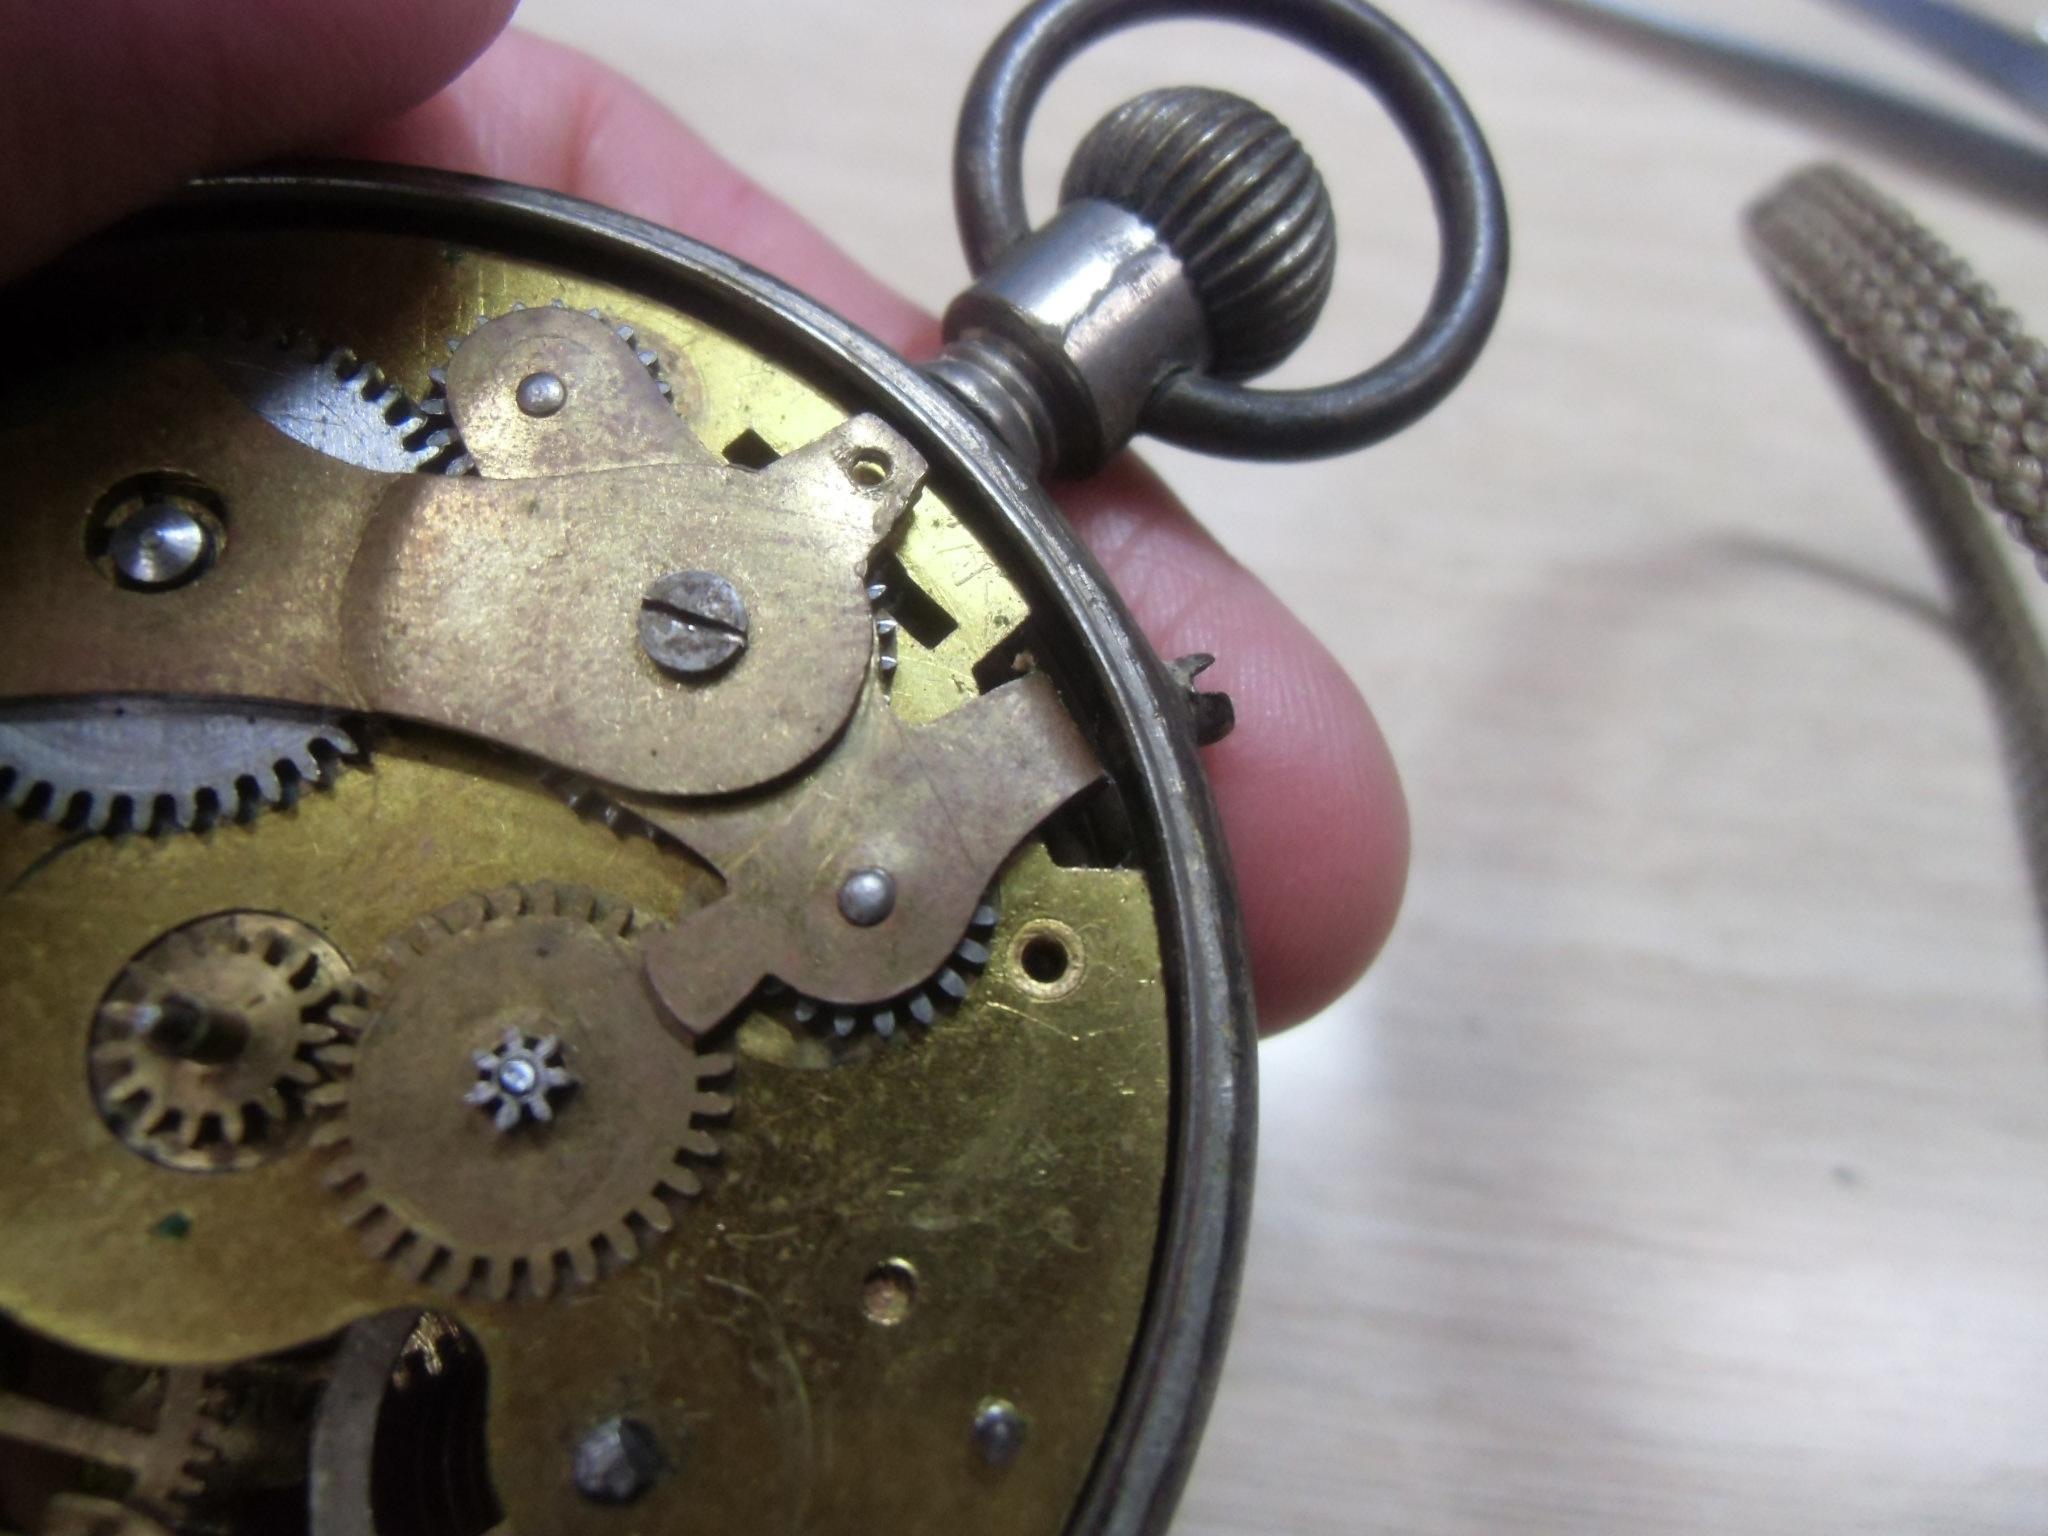 12-針回しのスイッチ構造